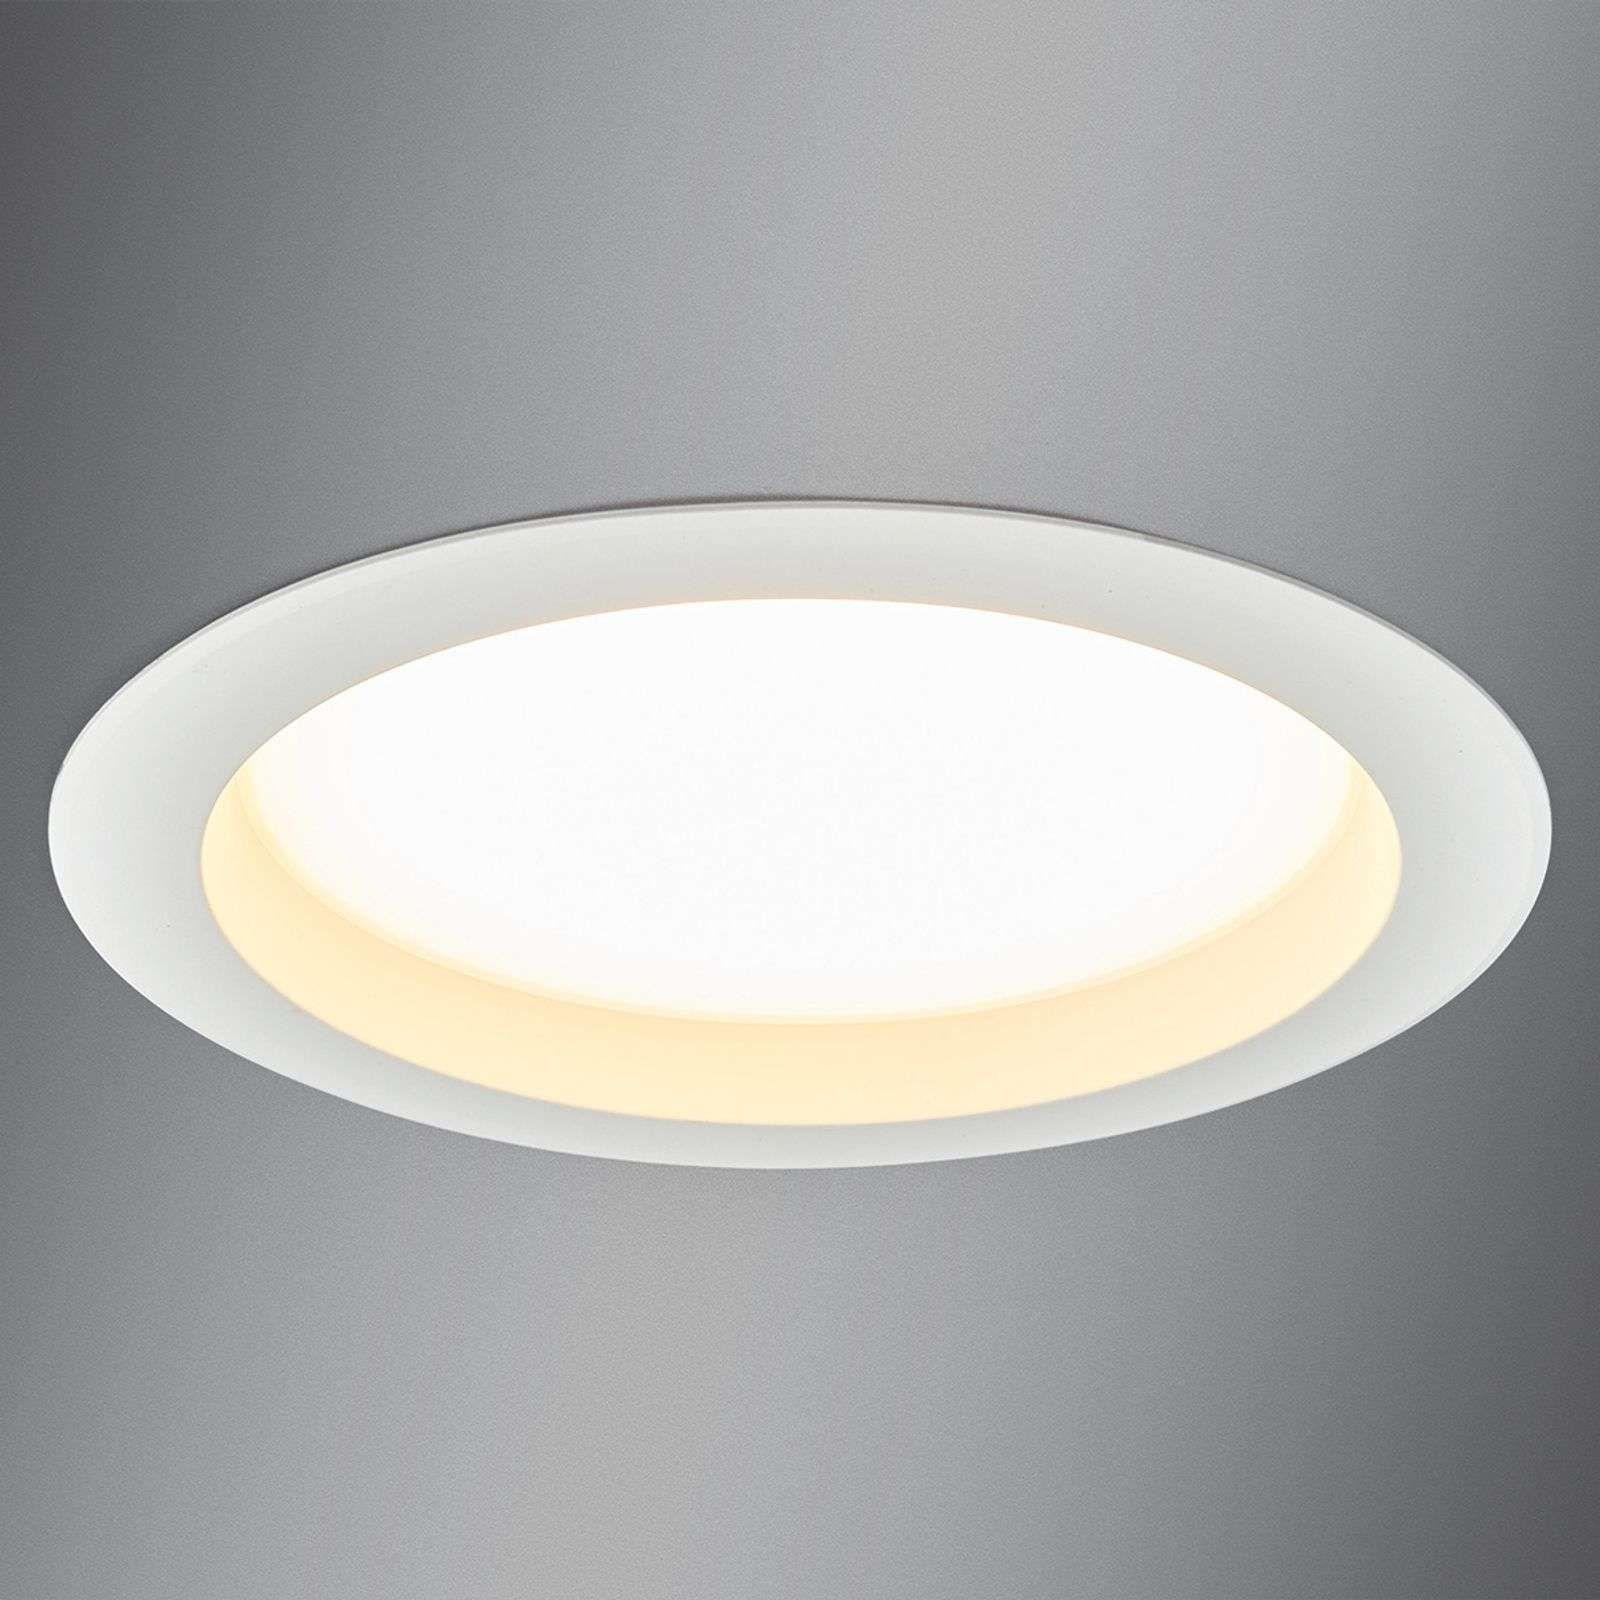 Grand Spot Encastrable Led Arian 24 4 Cm 22 5 W En 2020 Led Lumineuse Lumiere De Lampe Et Spot Encastrable